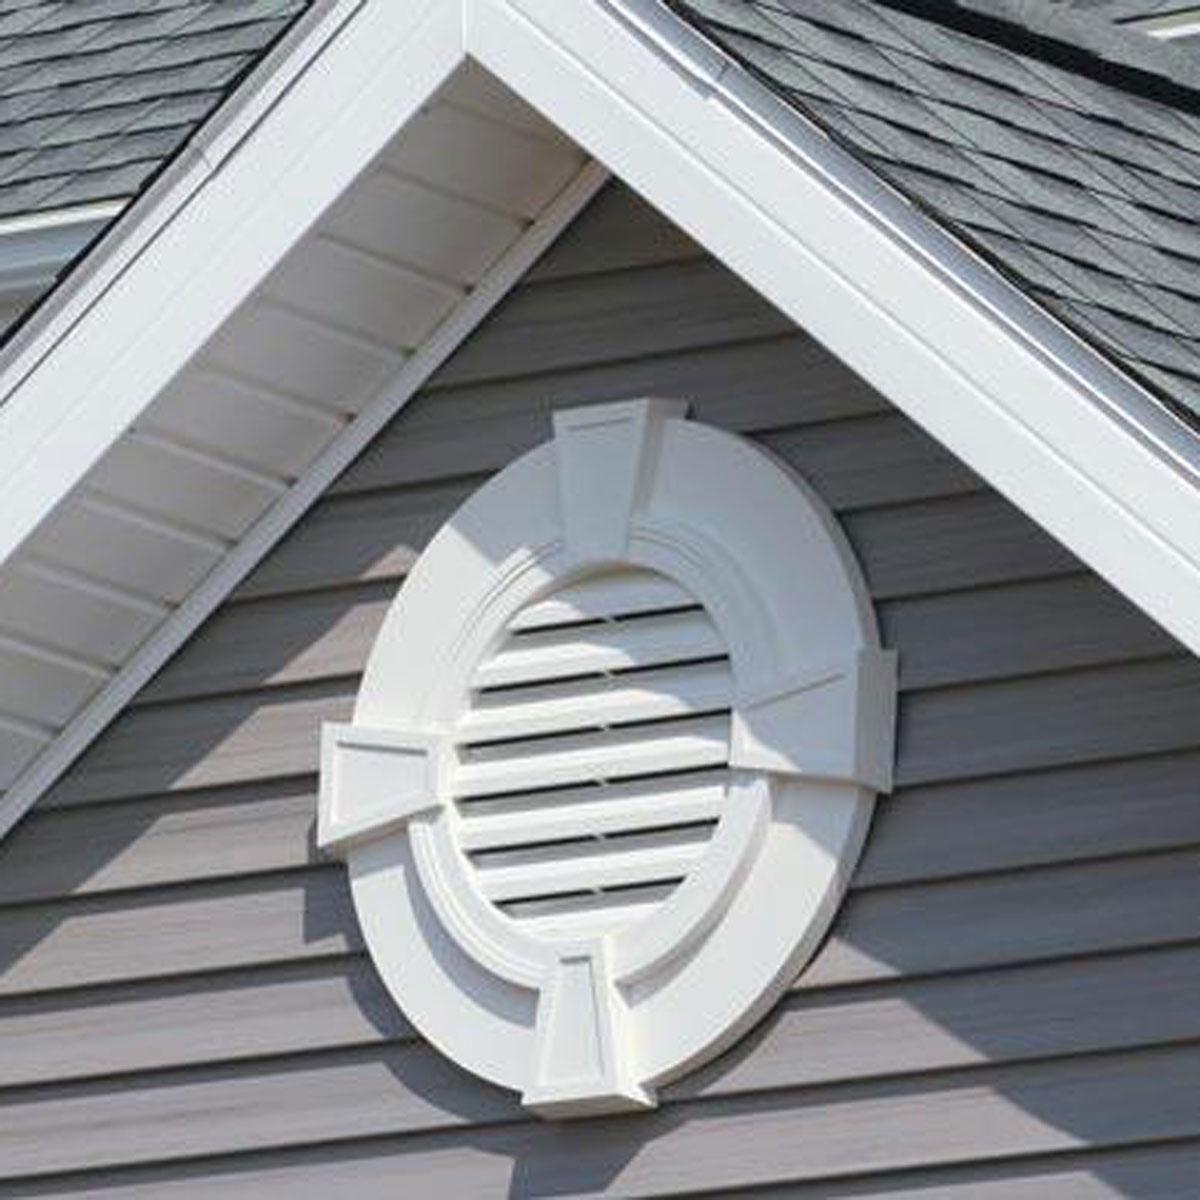 Architecturaldepot Com 00410030 Gable Vents House Vents House Siding